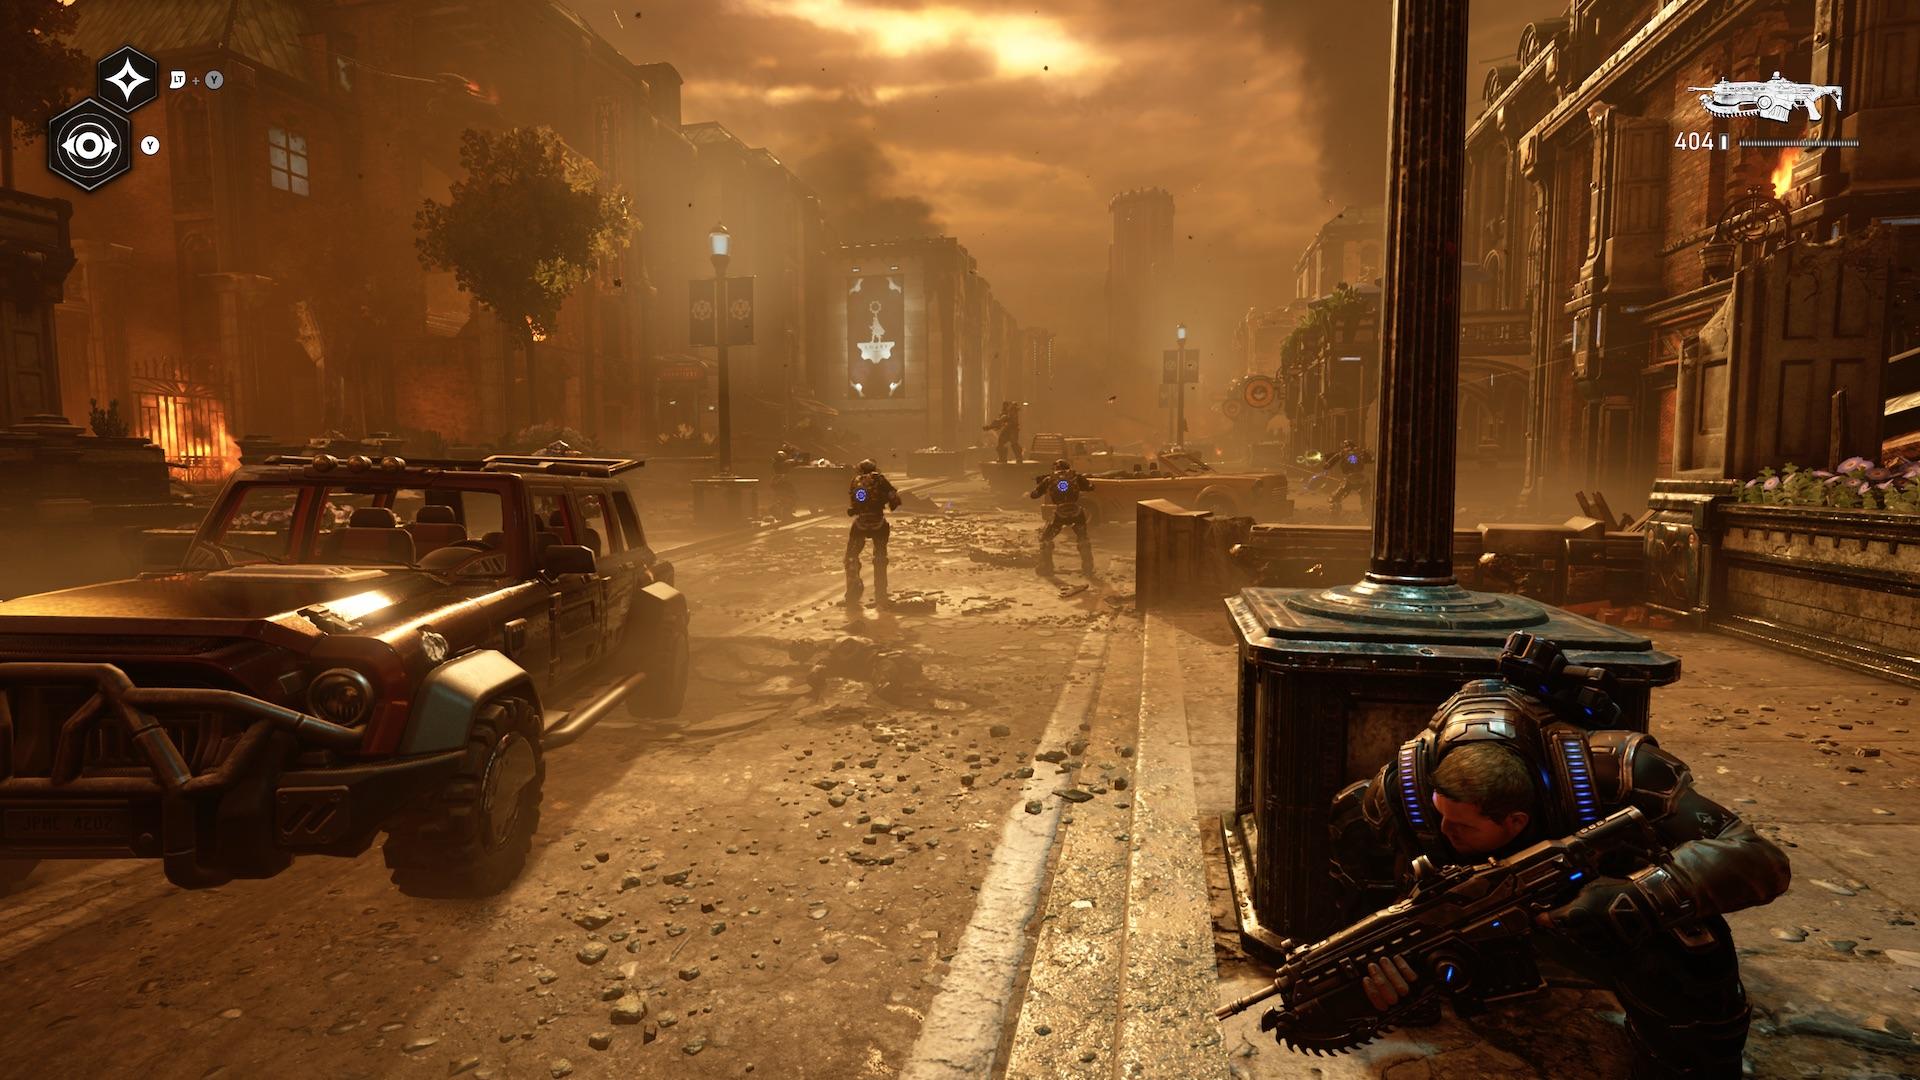 Наконец, чрезвычайно выдающаяся игра под флагом Microsoft. Gears 5 прекрасно экспериментирует с формой - обзор 3